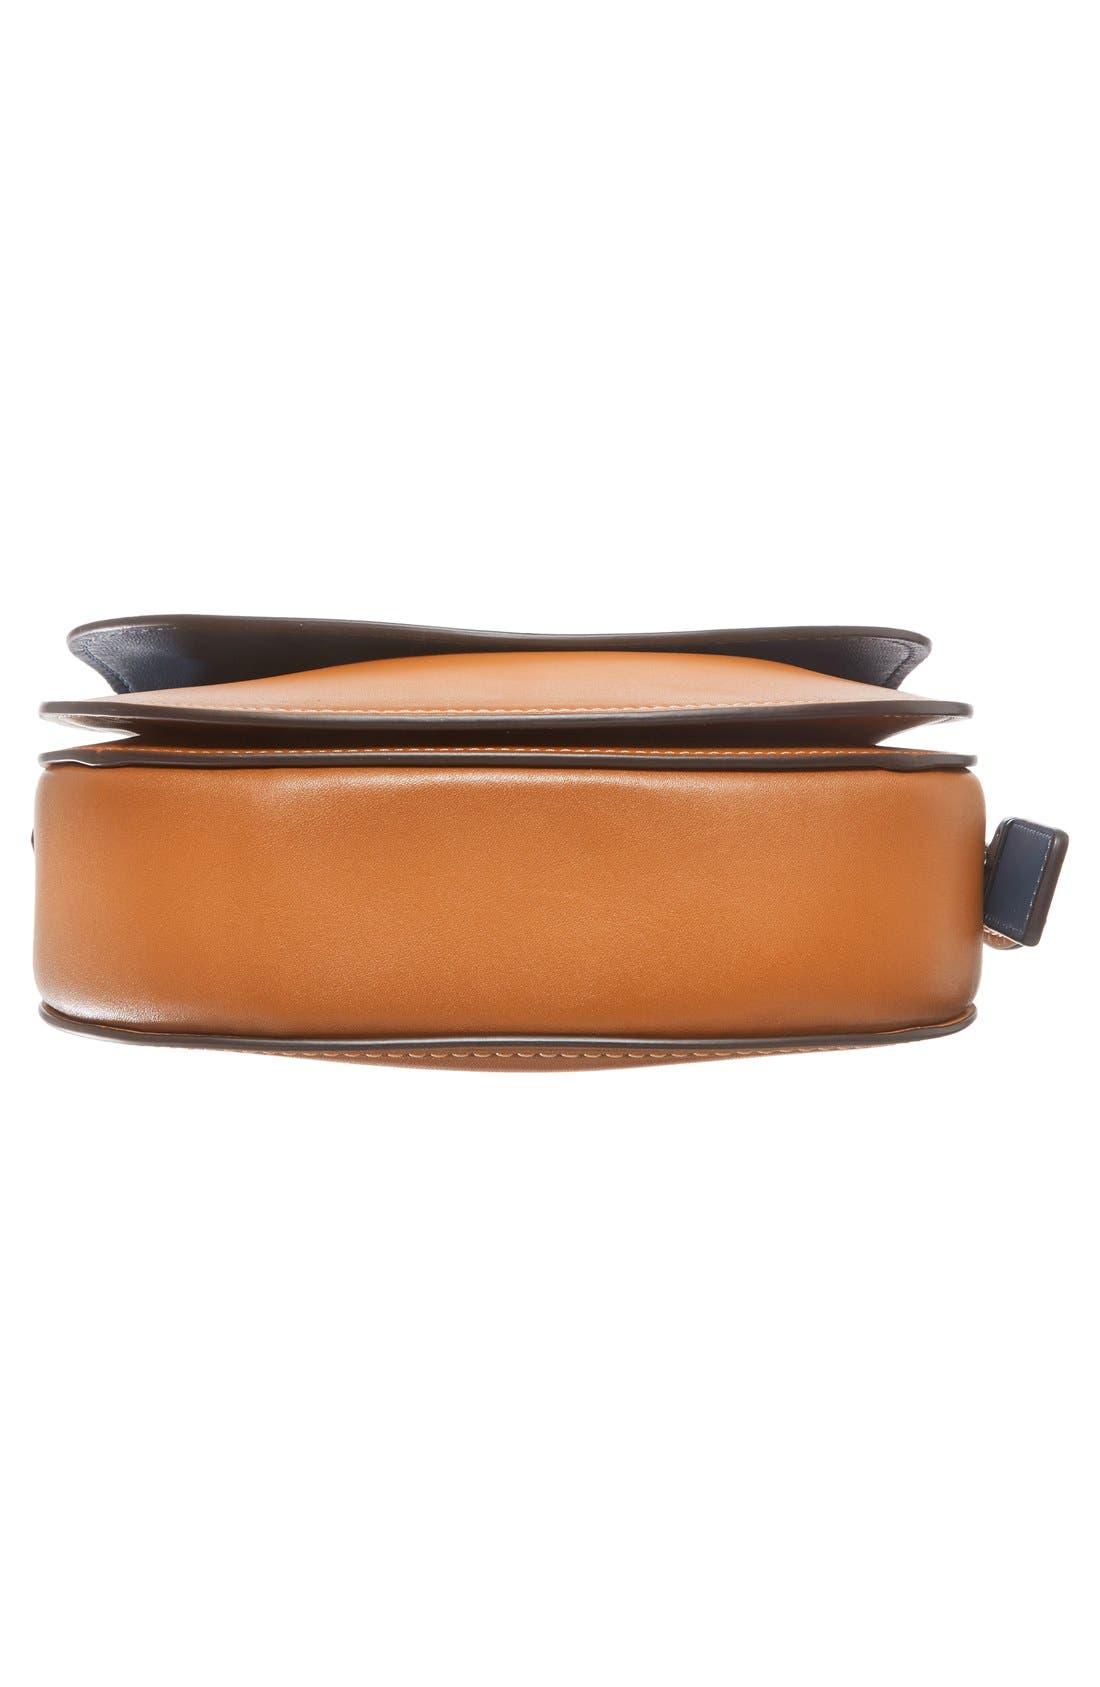 '23' Leather Saddle Bag,                             Alternate thumbnail 6, color,                             Butterscotch